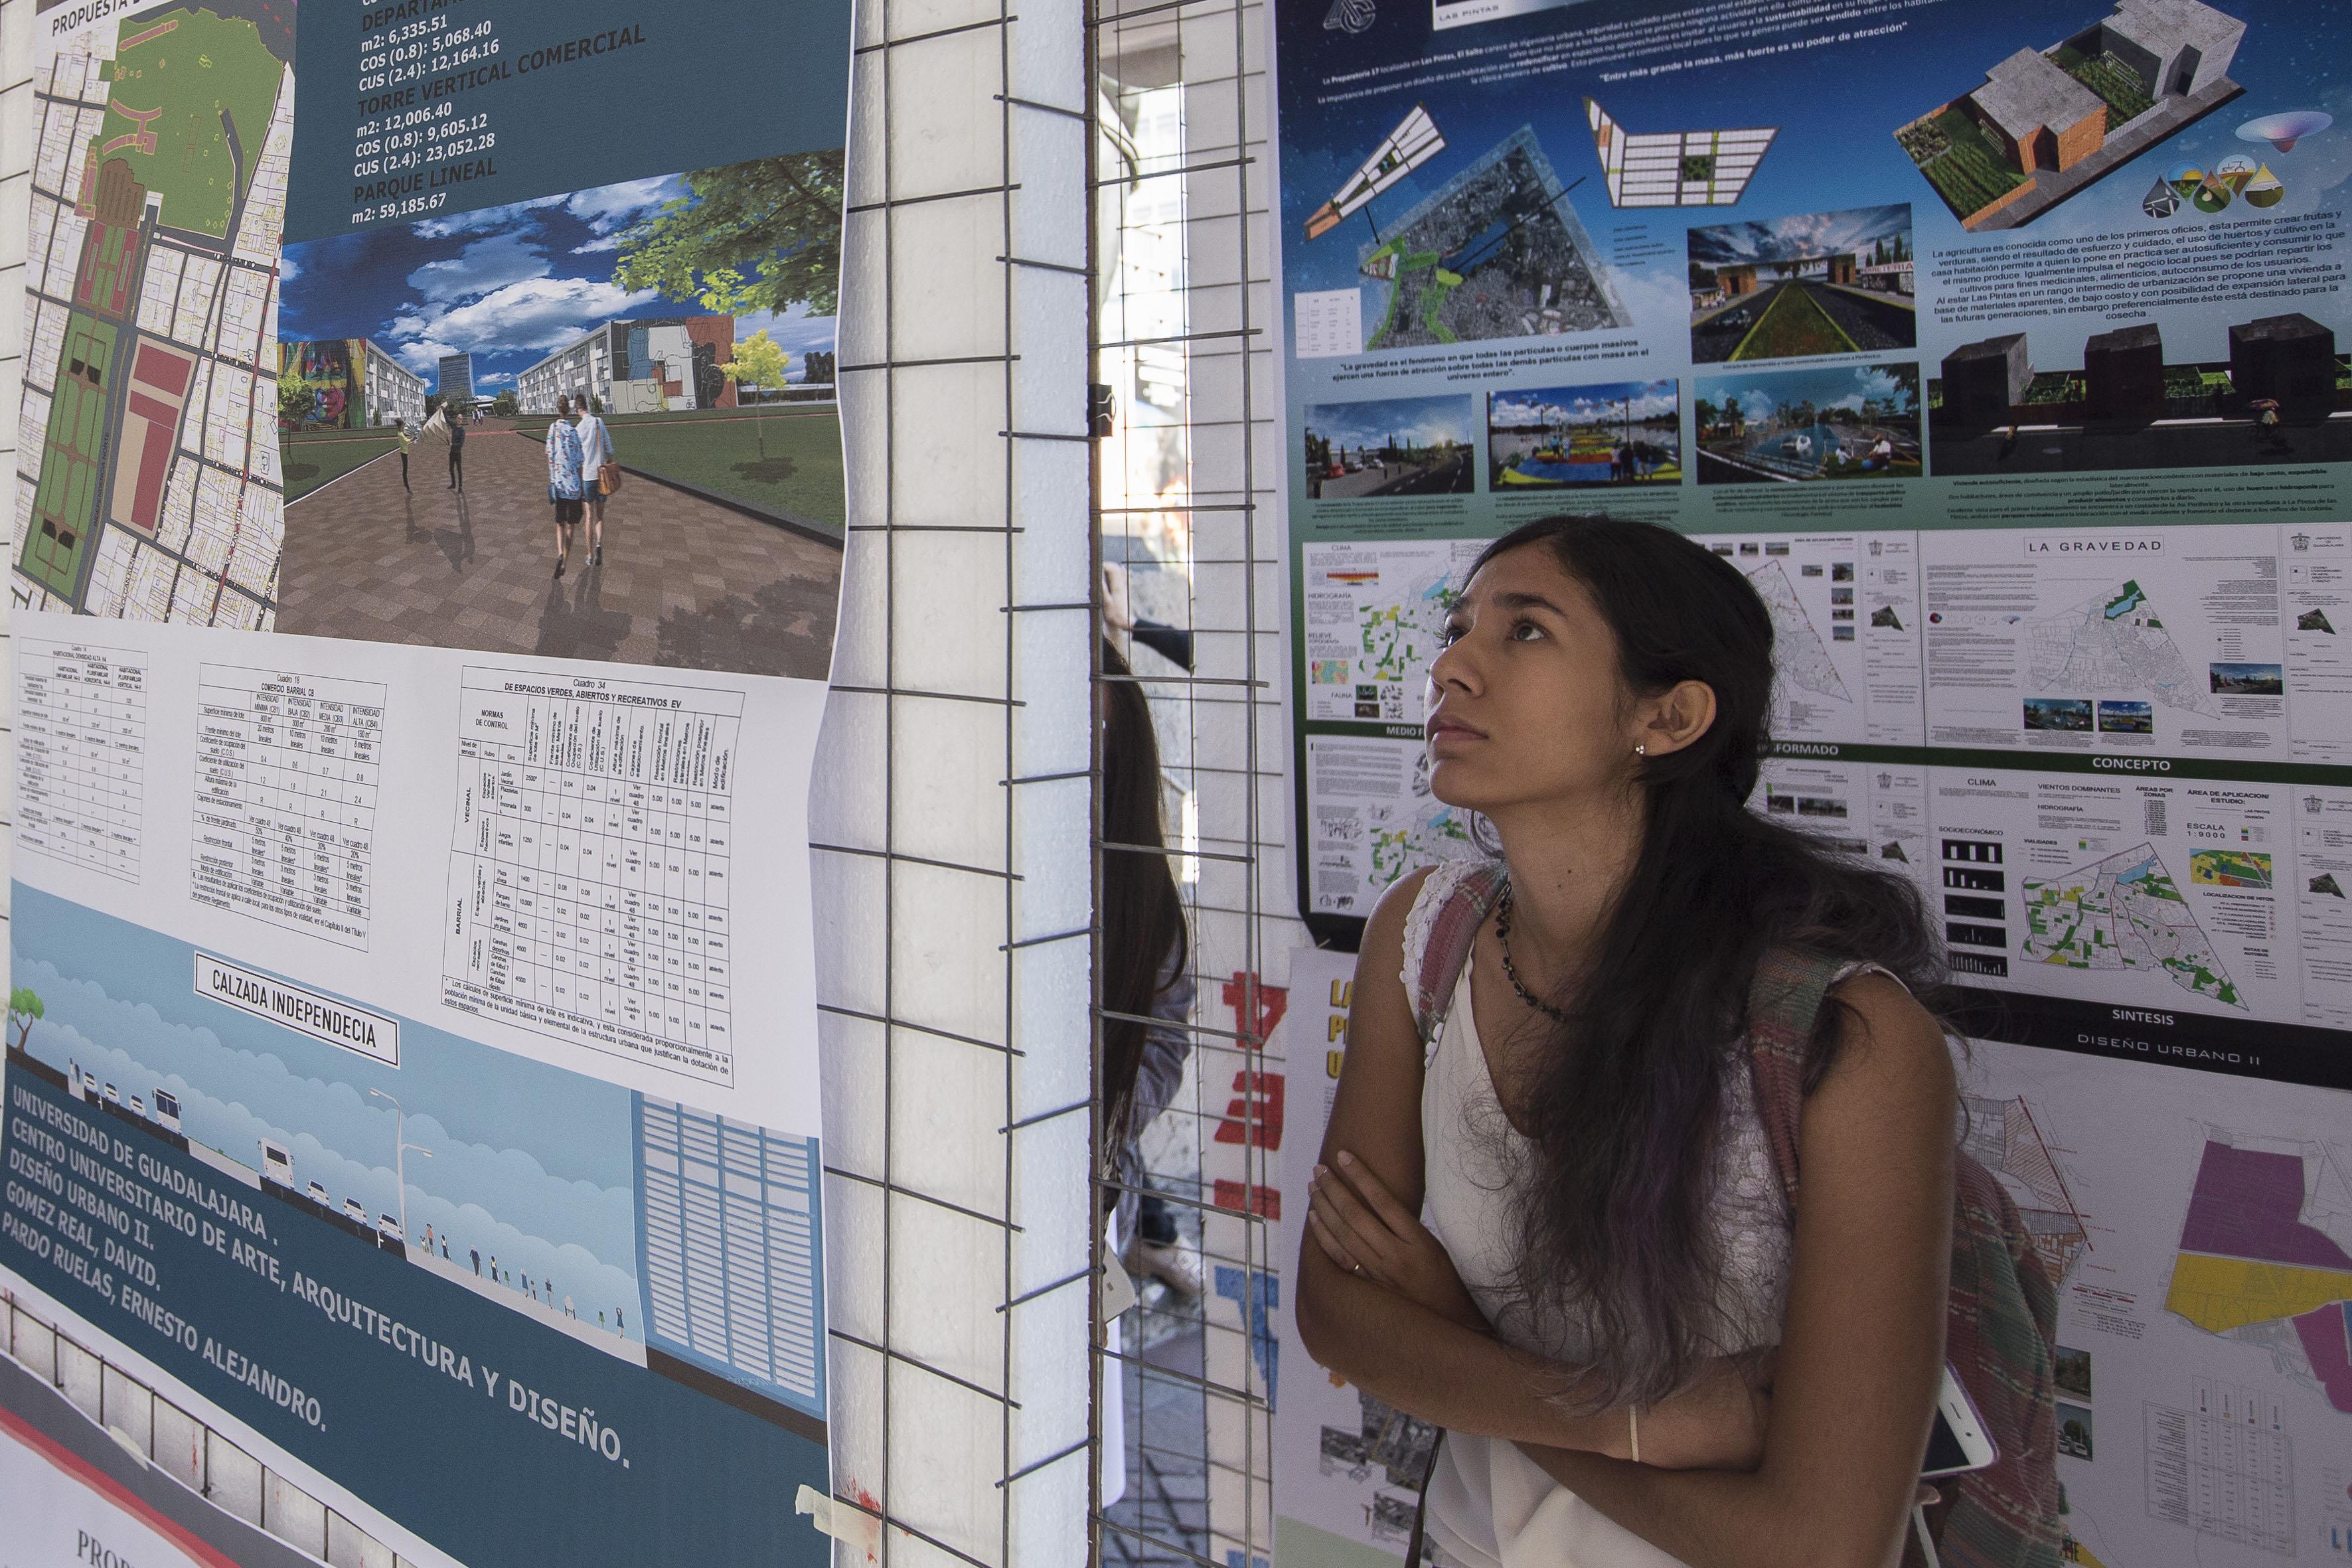 Mujer joven observando la exposición